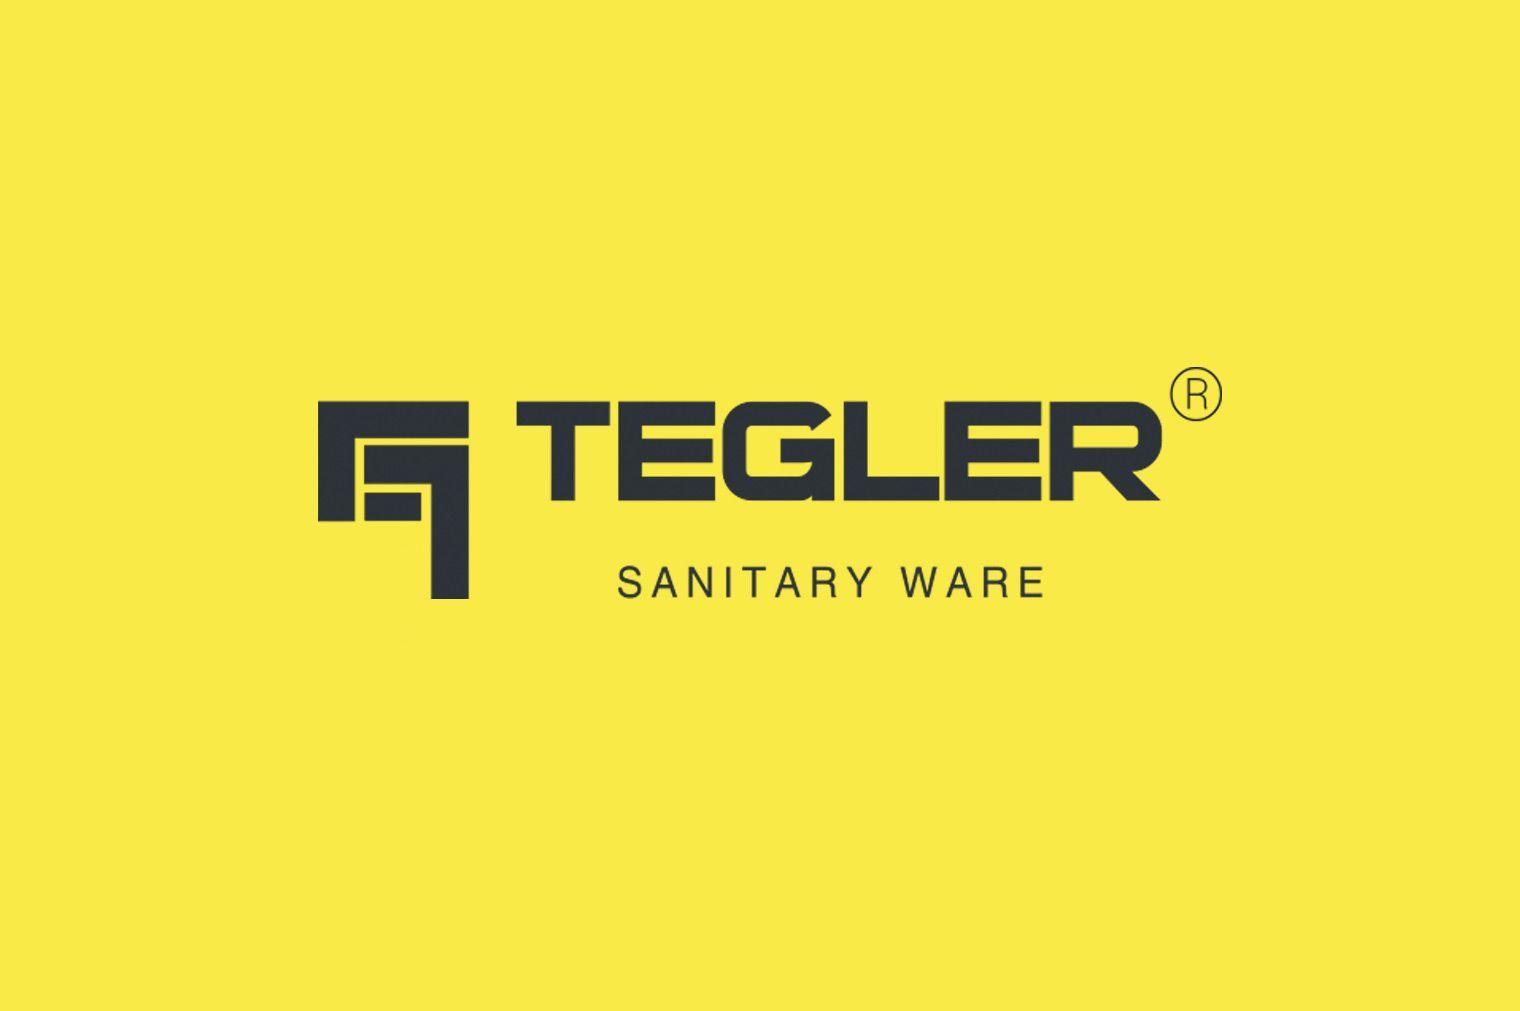 ¿Qué es Tegler?